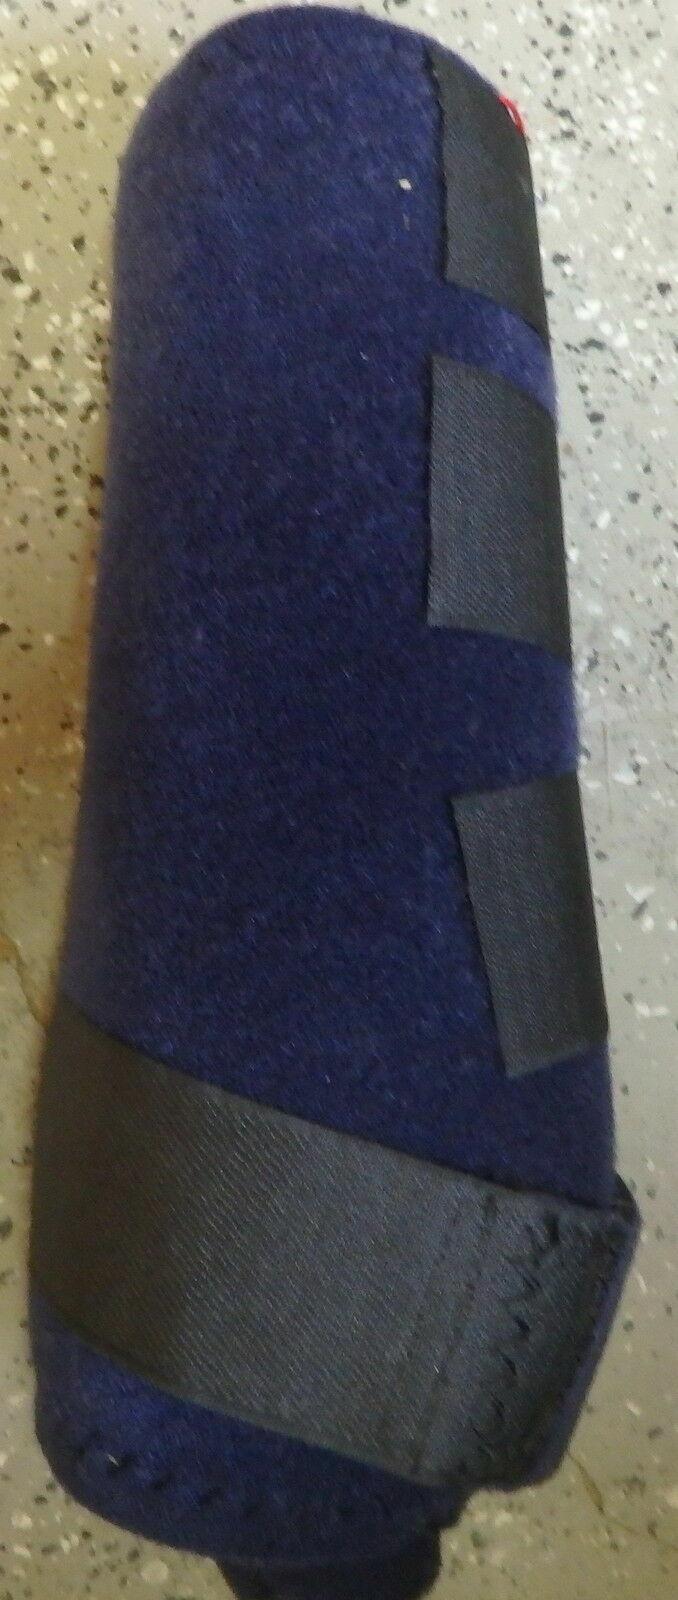 Kavalkade Fesselkopf Neoprengamaschen Art.32203 blau Gr.L Gr.L Gr.L 58467f